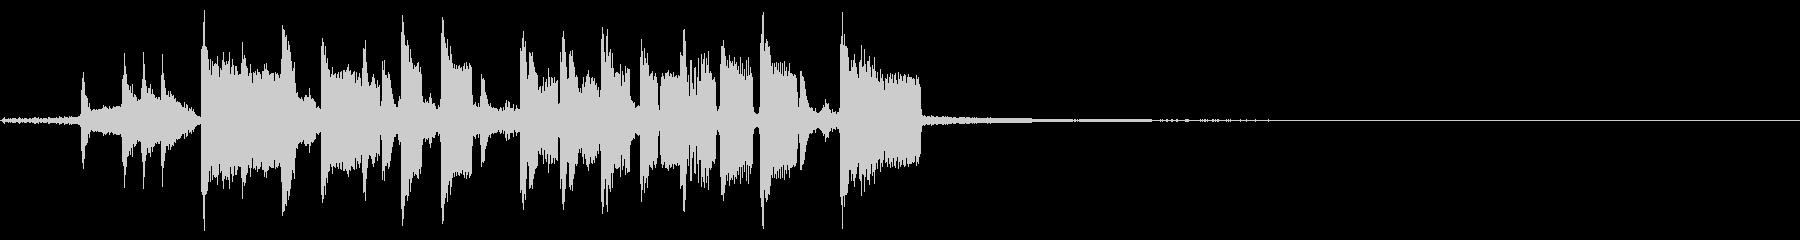 ヘビーホップの未再生の波形